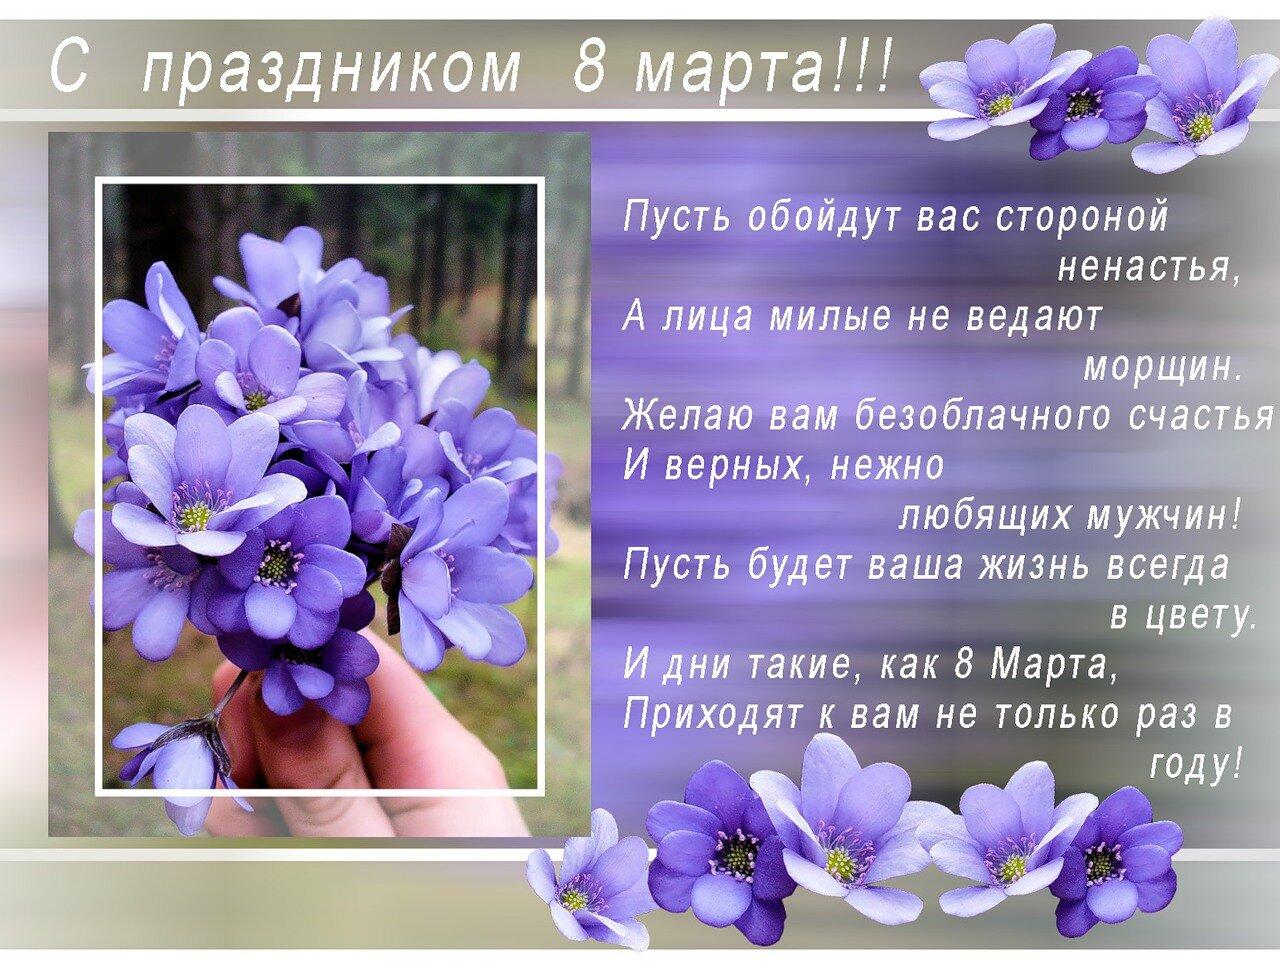 Хорошие поздравления с марта